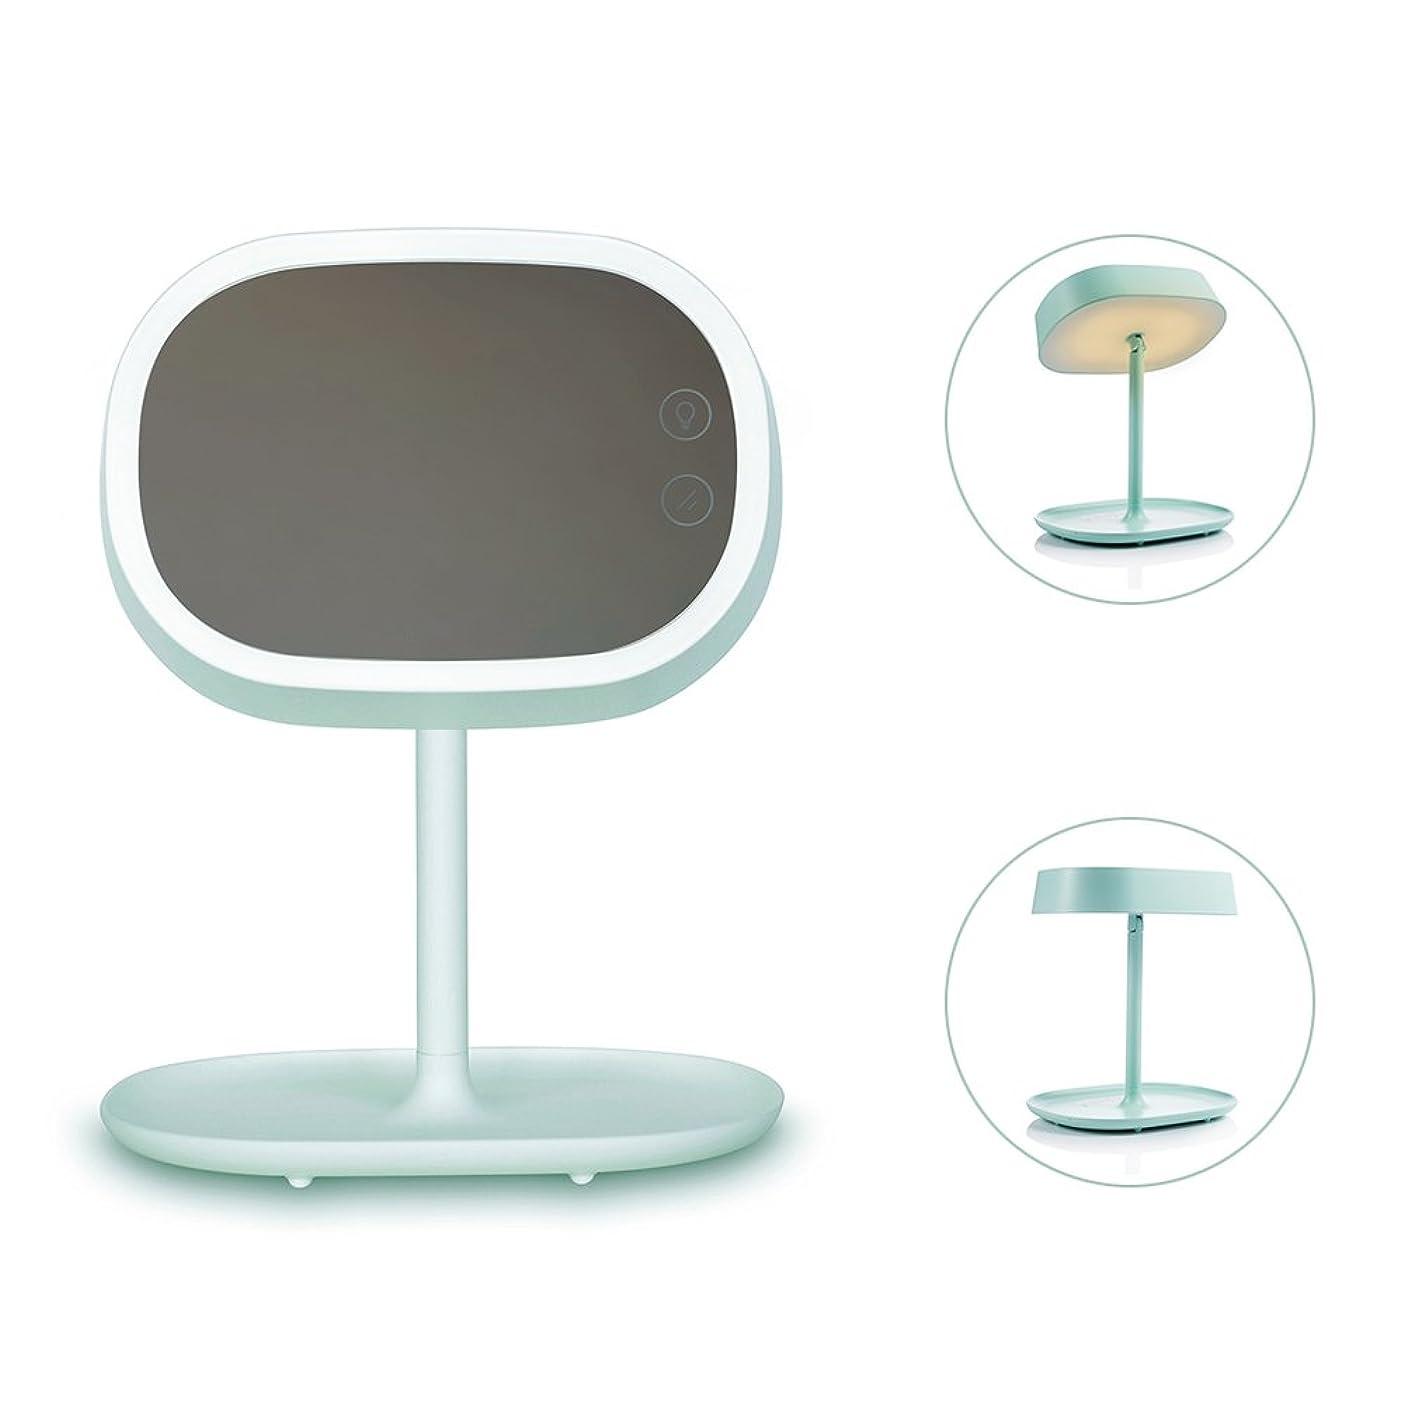 ライド縫う怖がって死ぬIchic 卓上LED化粧鏡 メイクミラー ベッドサイドランプ 180度回転 明るさ調節可能 USB充電